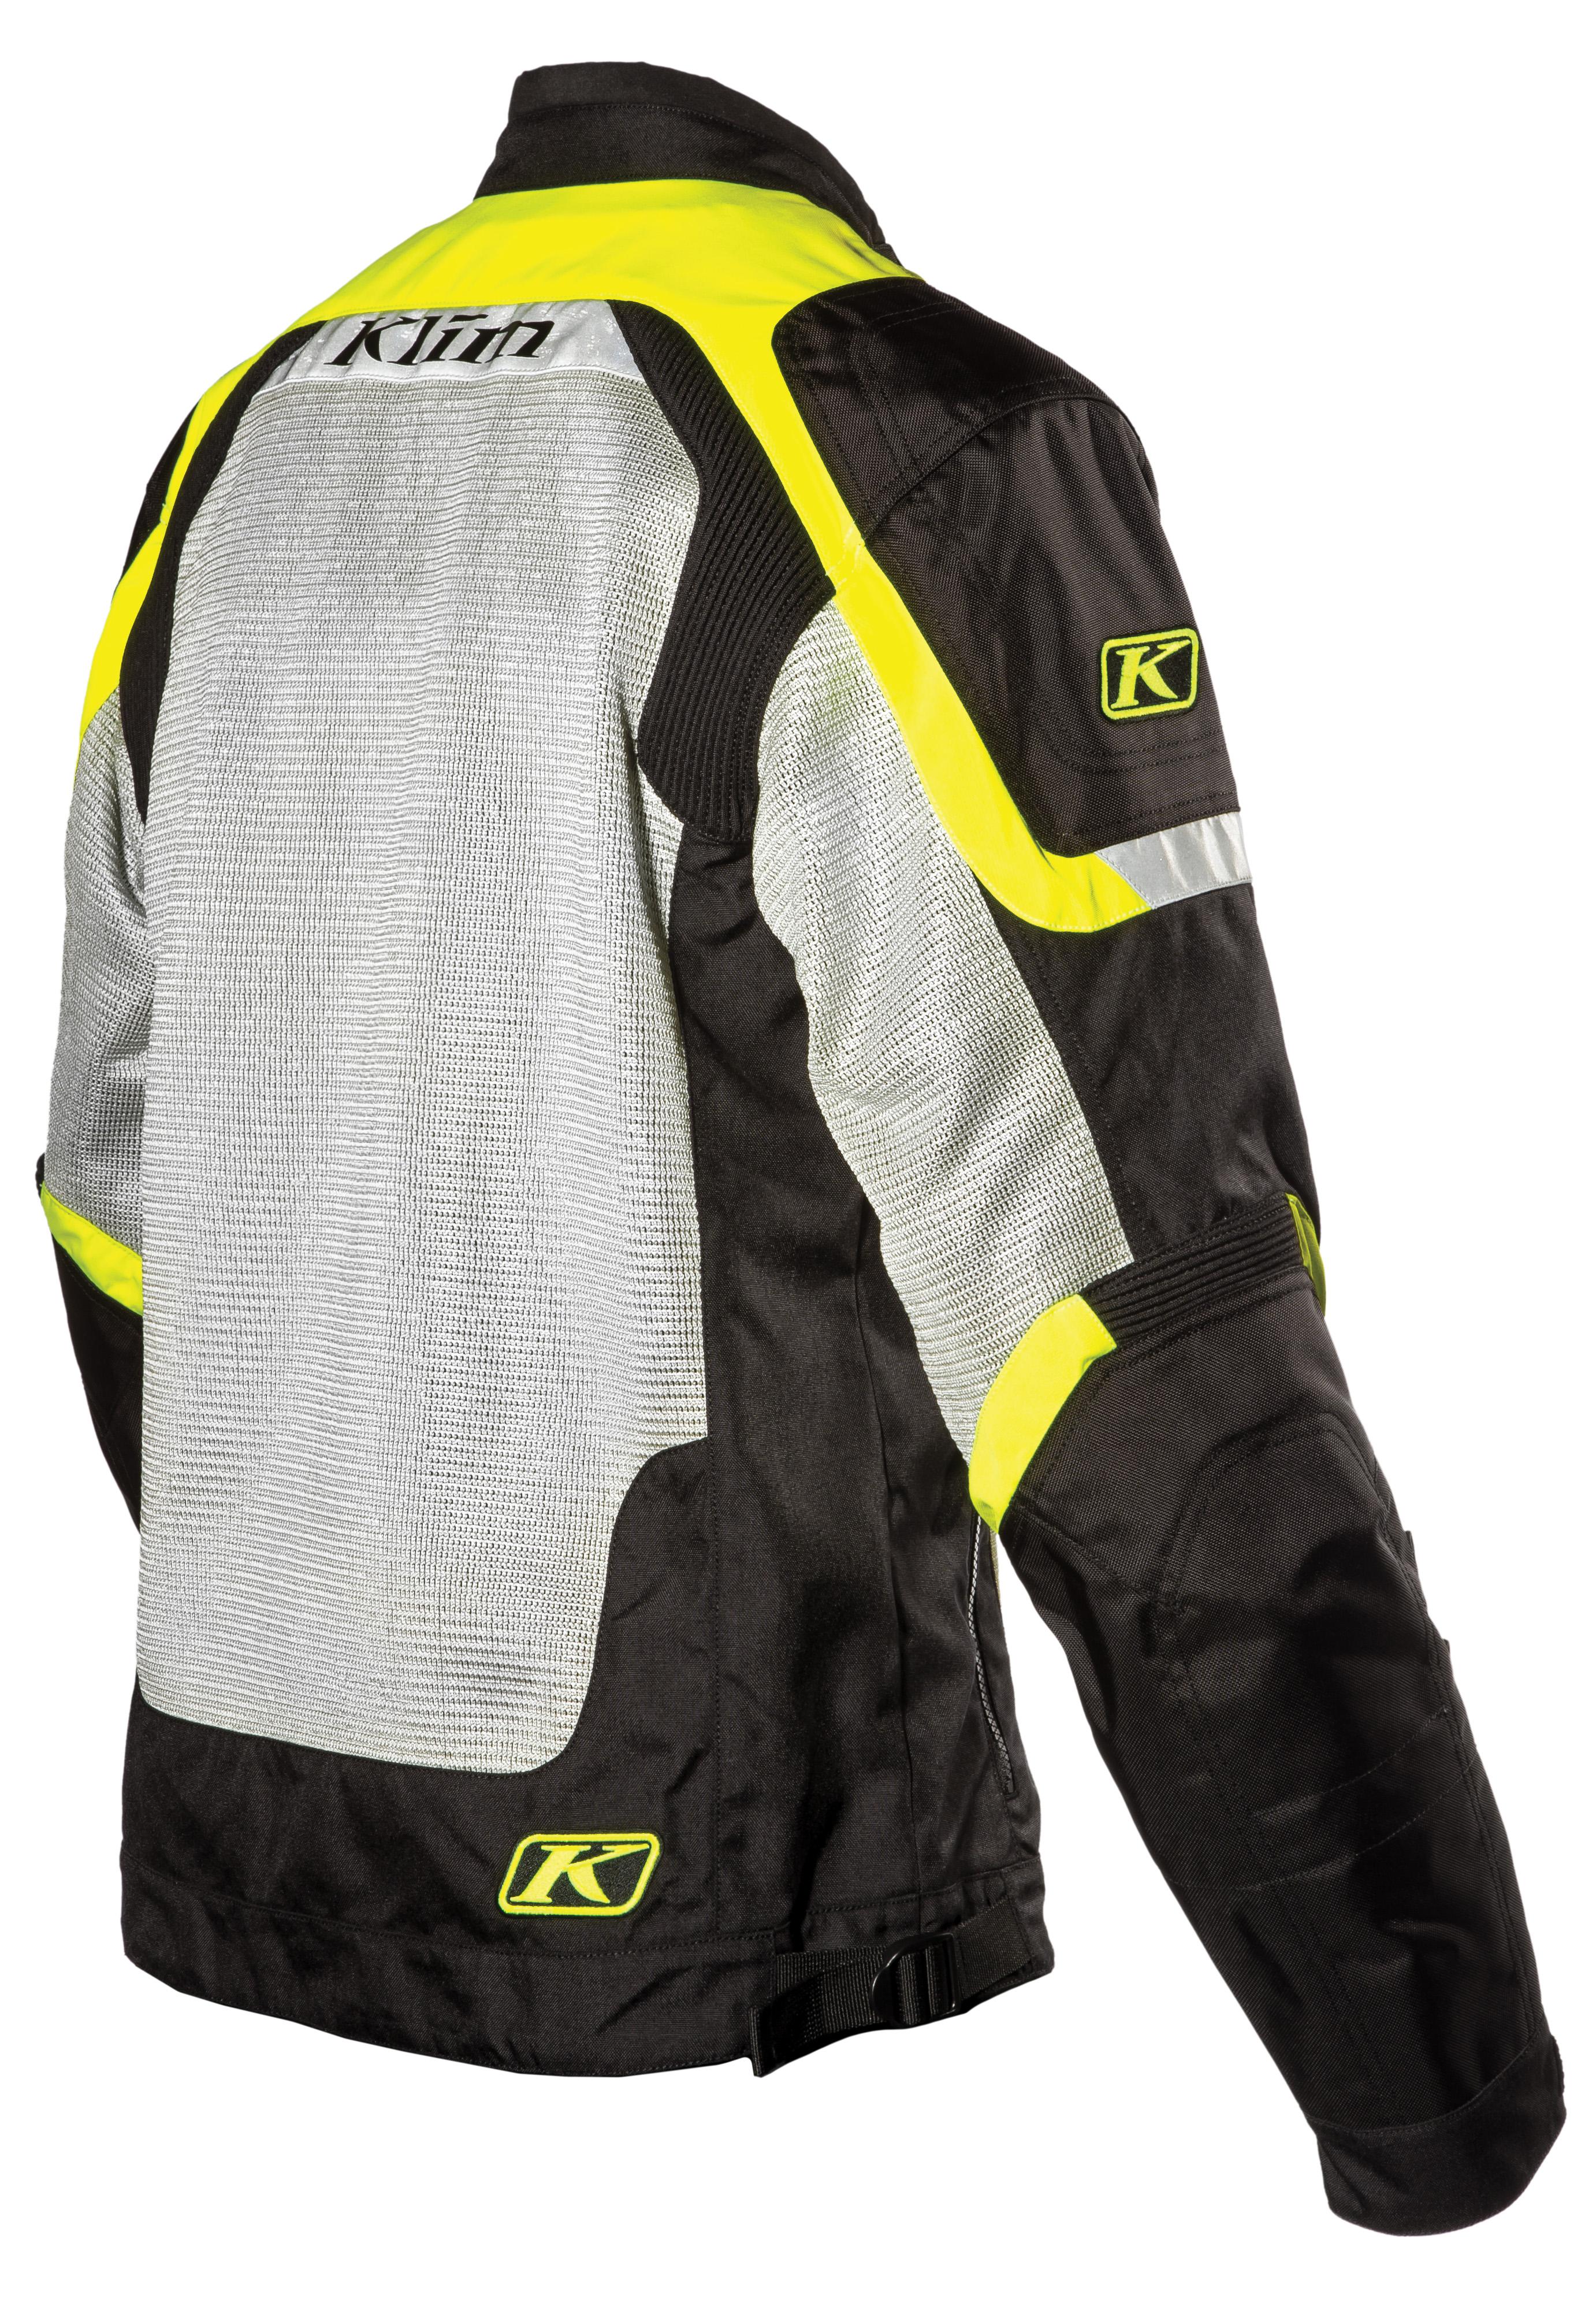 Induction Jacket 5060-000-500-B